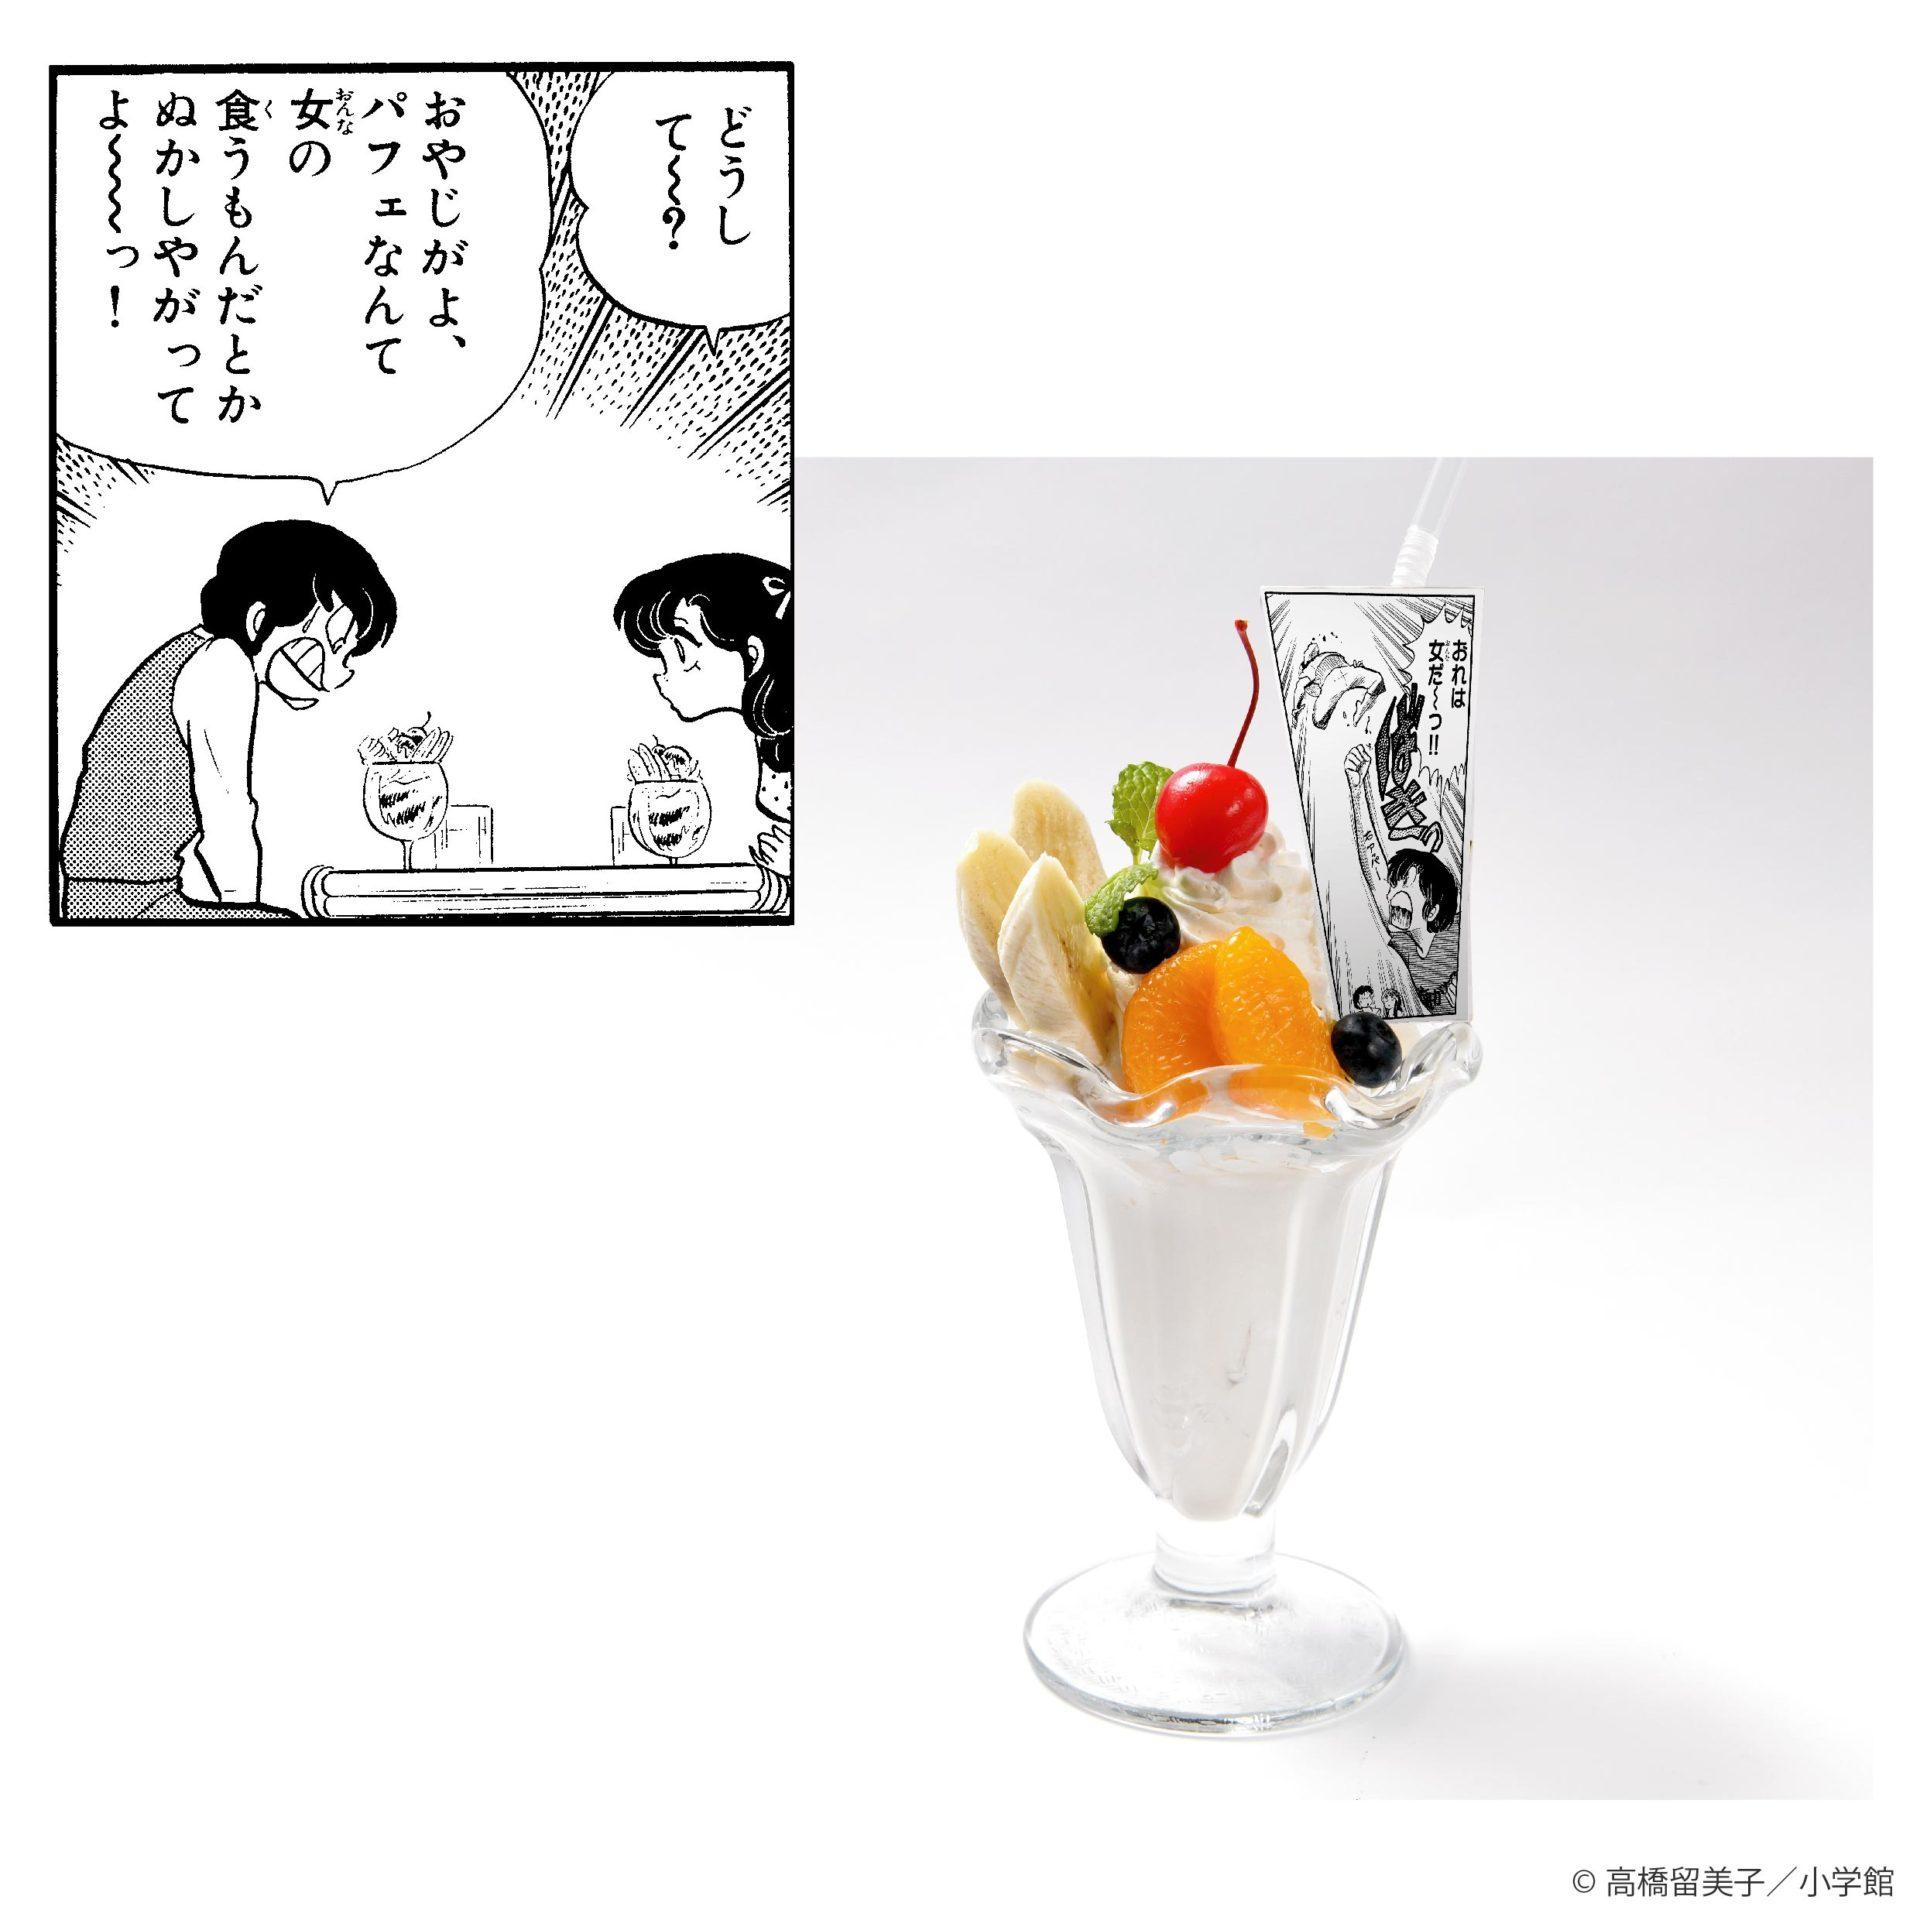 11.「おれは女だーっ!」 竜之介憧れのパフェ風バナナセーキ ¥ 890